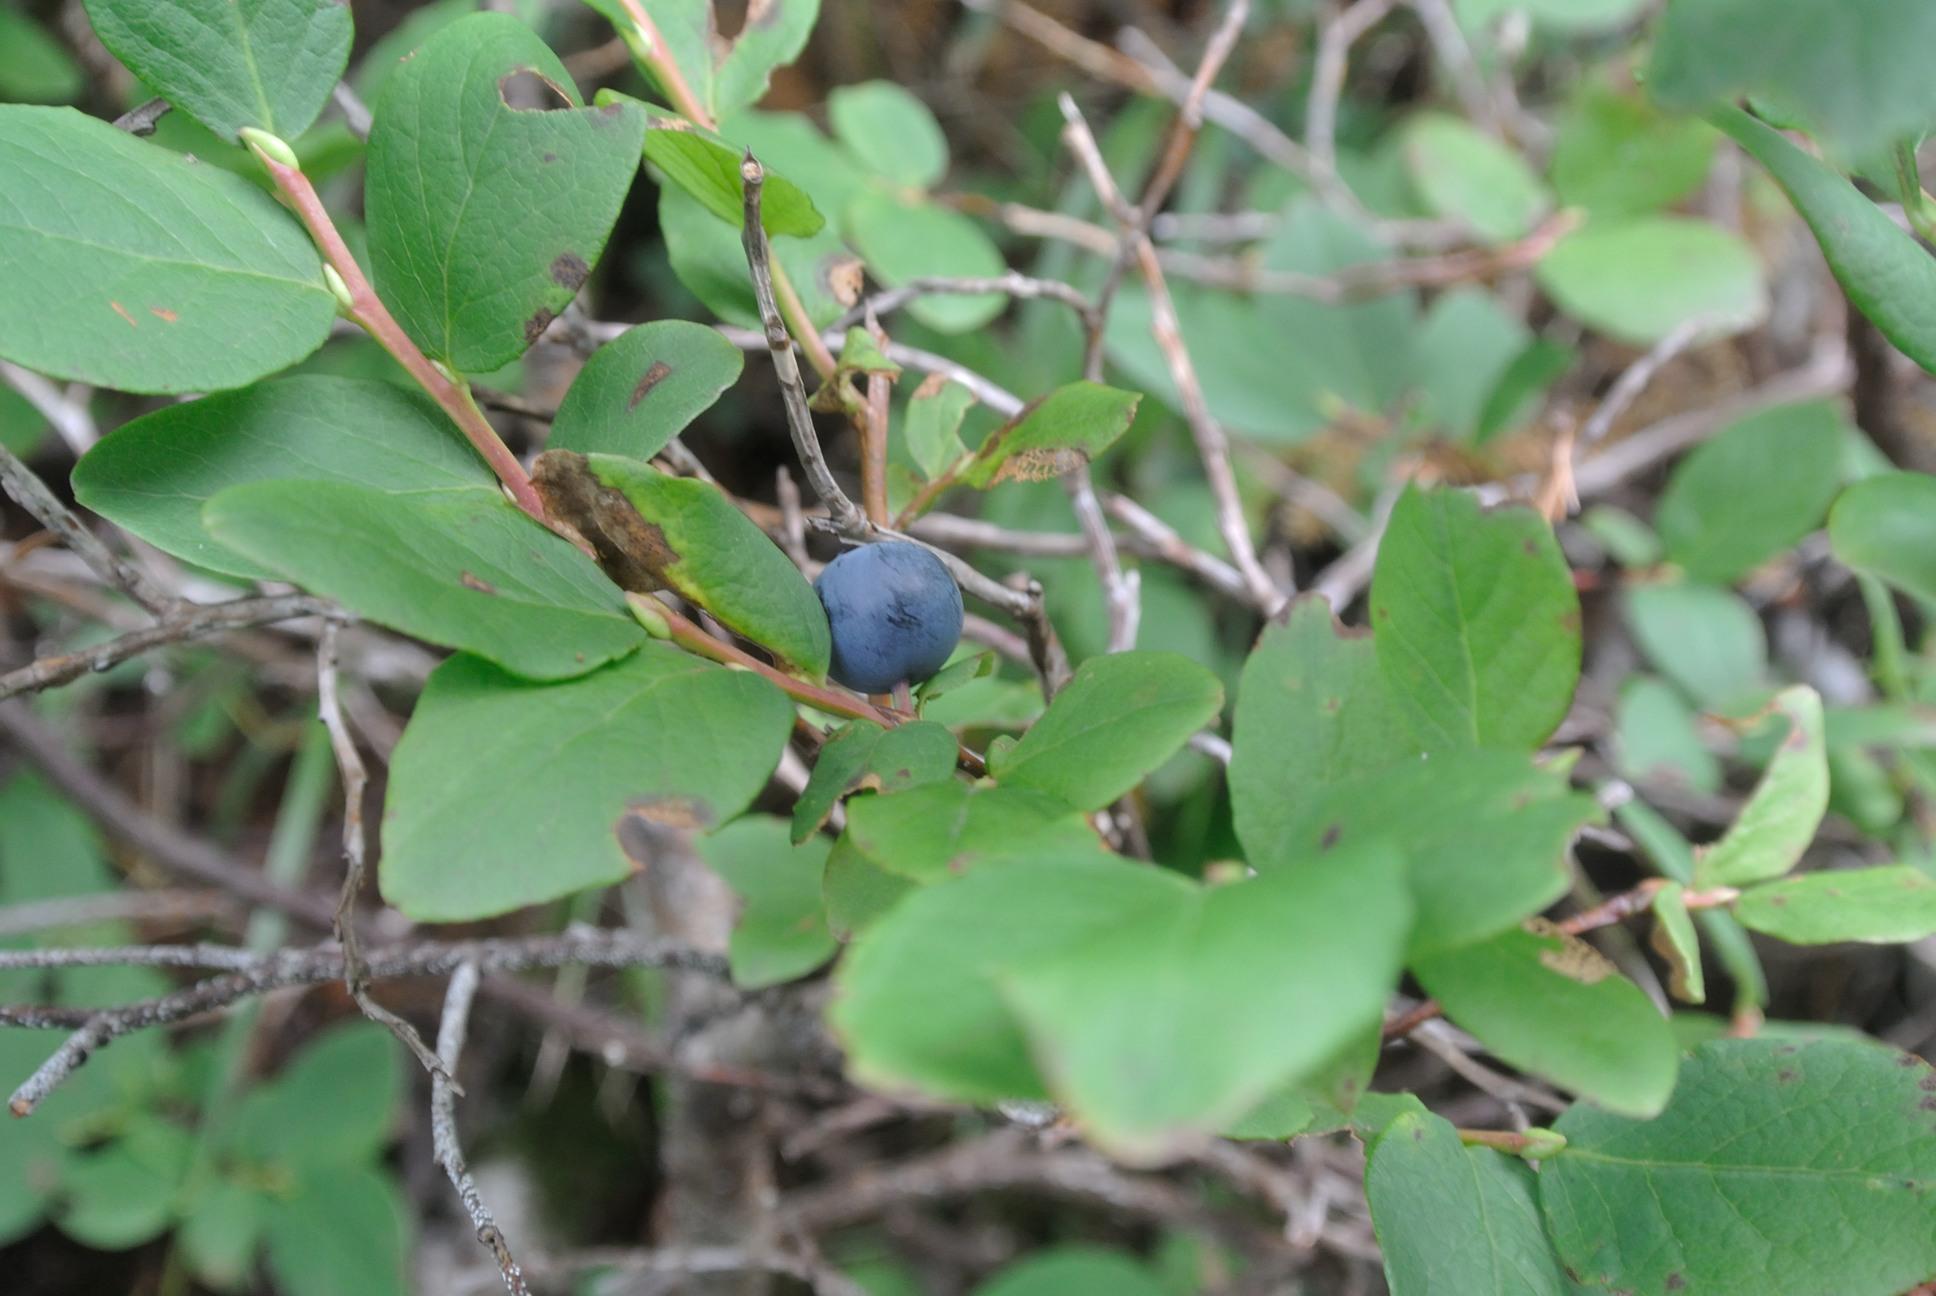 ブルーベリーの原種?